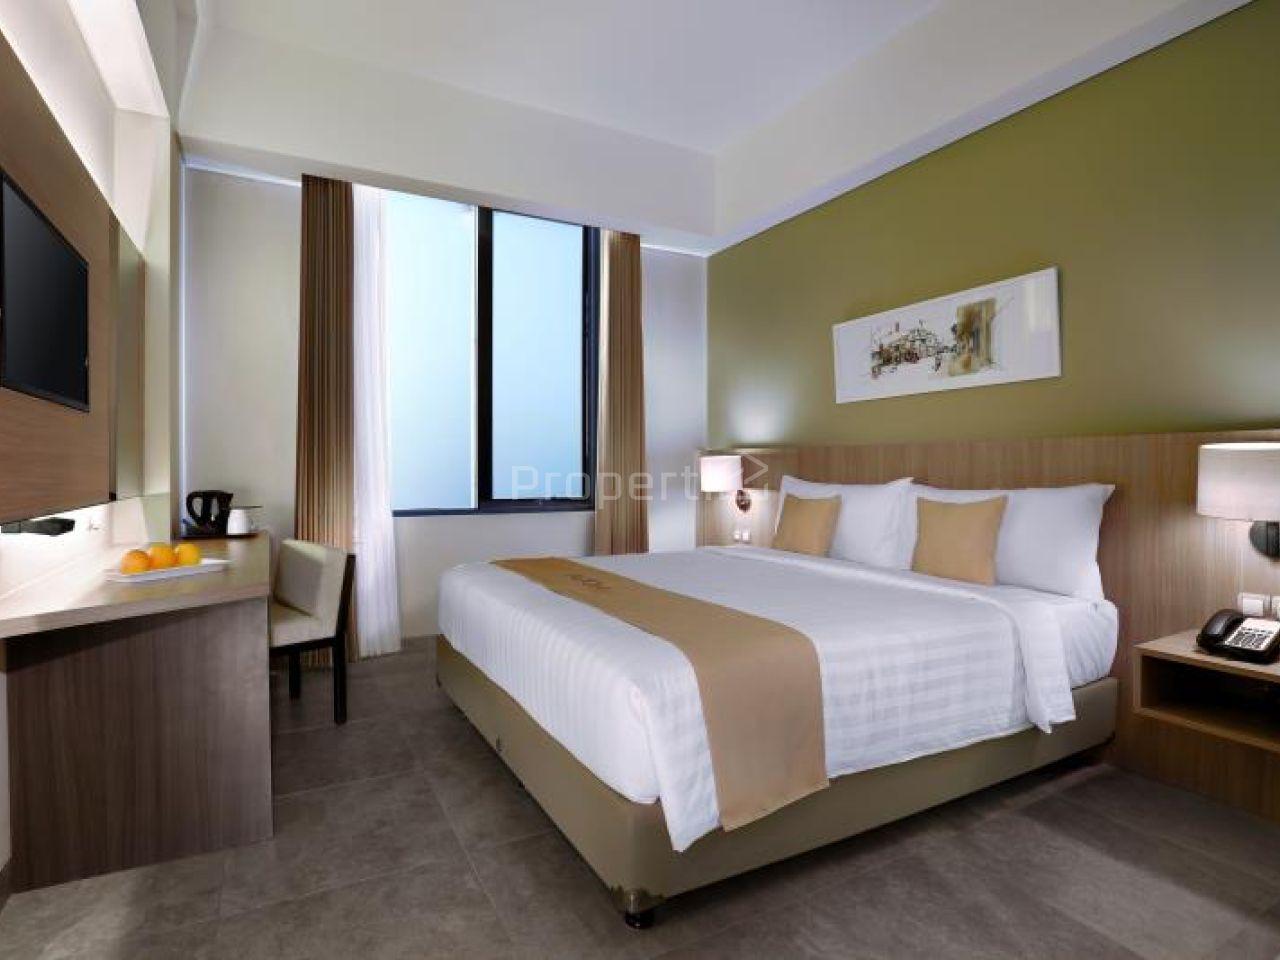 4 Star Hotel in Mataram City, Kota Mataram